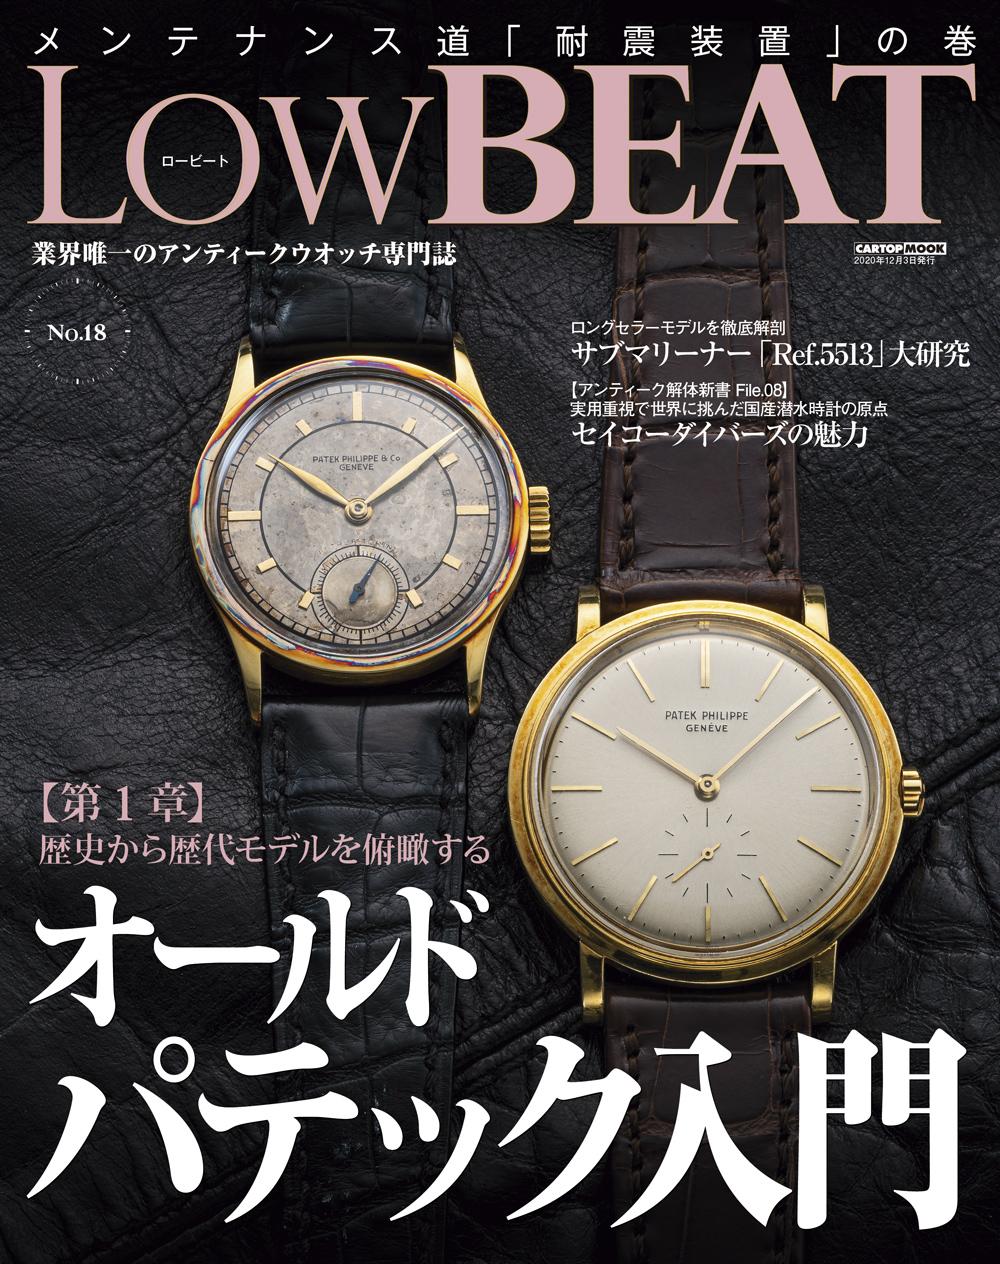 C's-Factory|書籍|LowBEAT No.18